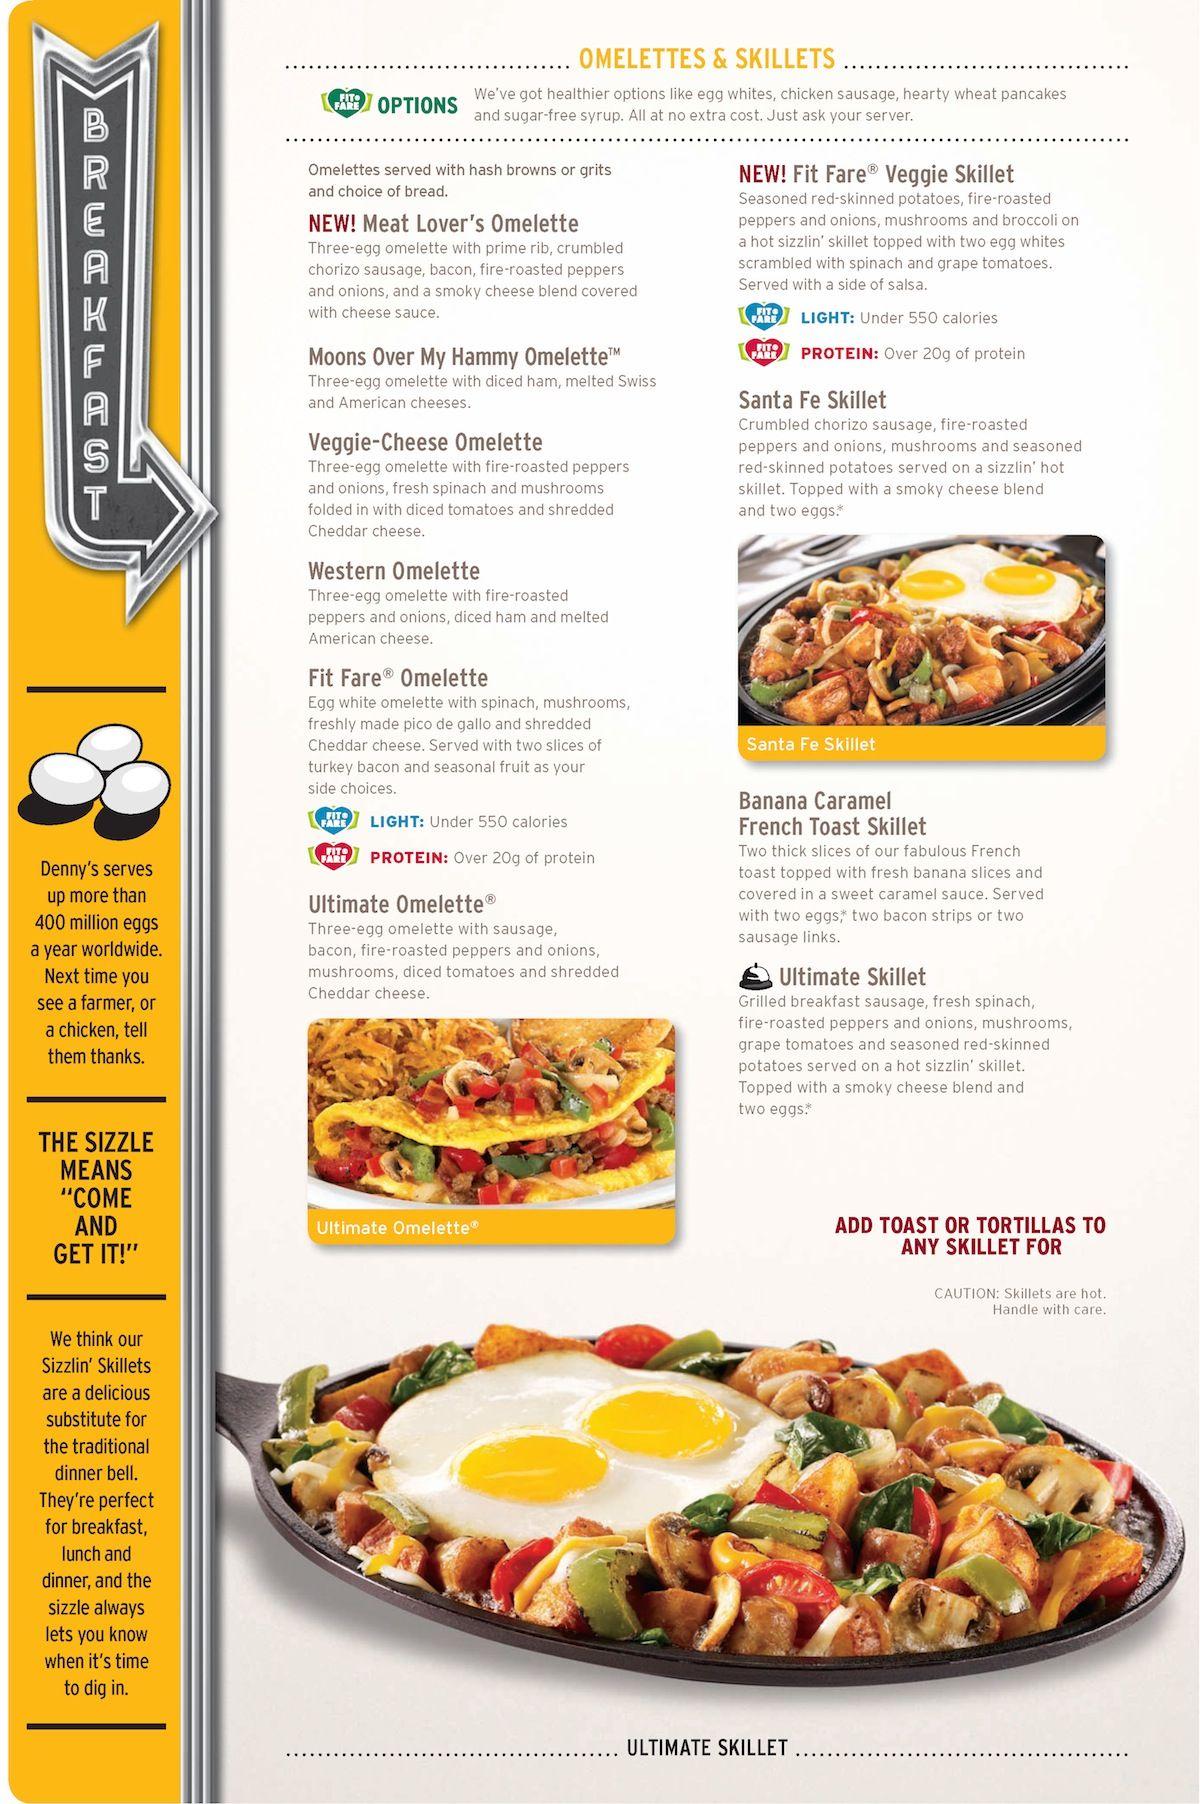 Jollibee Menu 1 Bucket Chicken Price In 2020 Food Delivery Menu Kentucky Fried Chicken Menu Chicken Menu